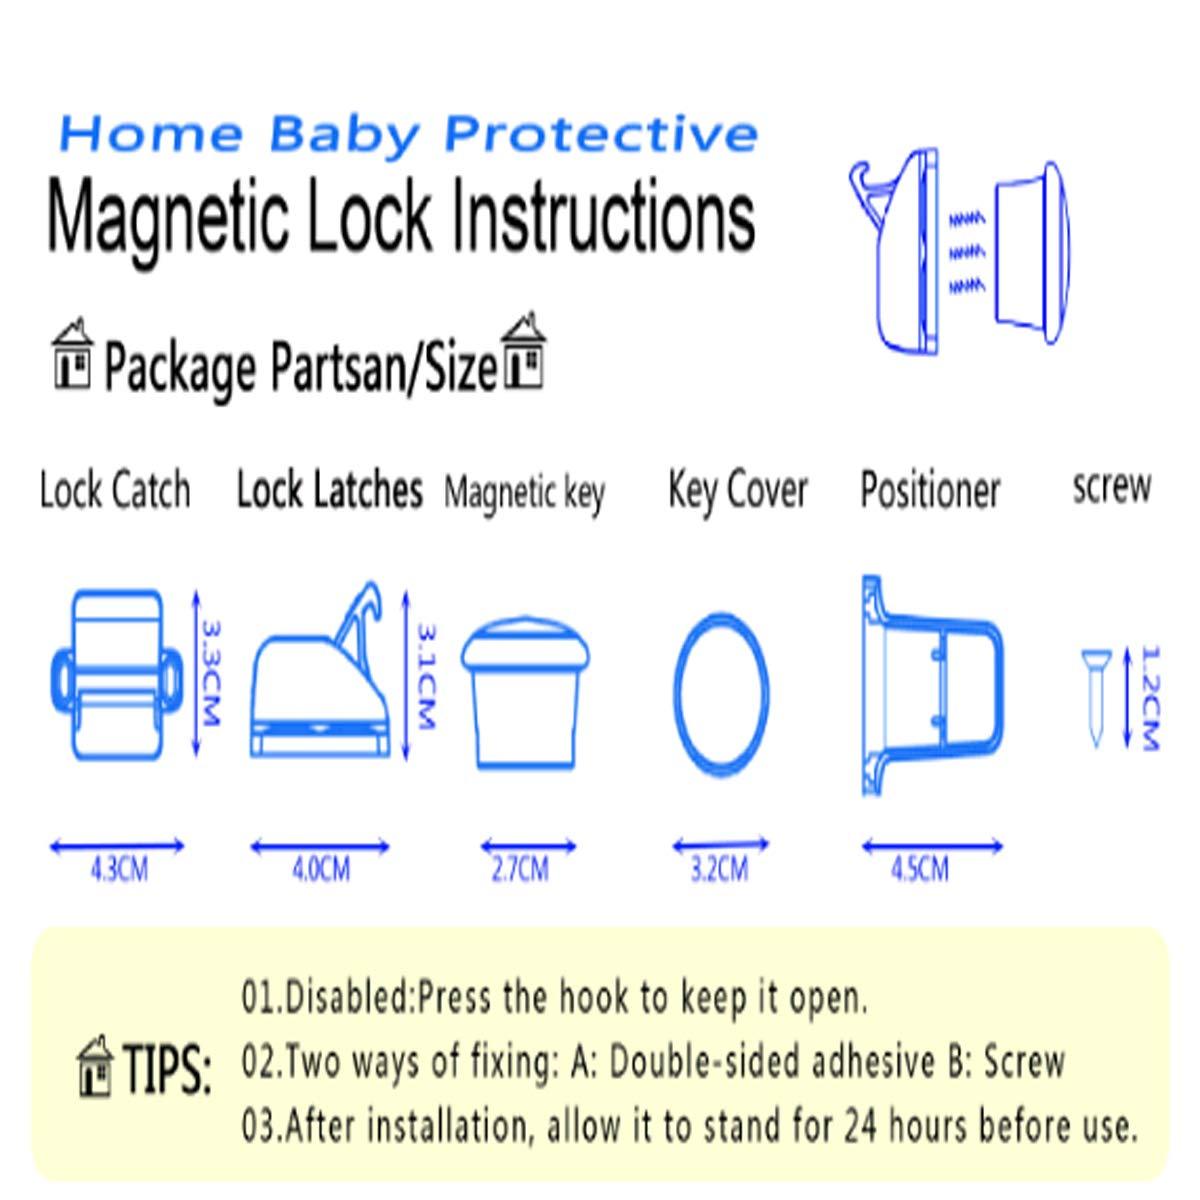 4 cerraduras 1 llaves Mengger Cerraduras Magn/éticas de Seguridad Beb/és y Ni/ños Puertas para Armario Cajones Gabinetes Todos F/ácil Instalar Cinta Adhesiva 3M Sin la Perforaci/ón